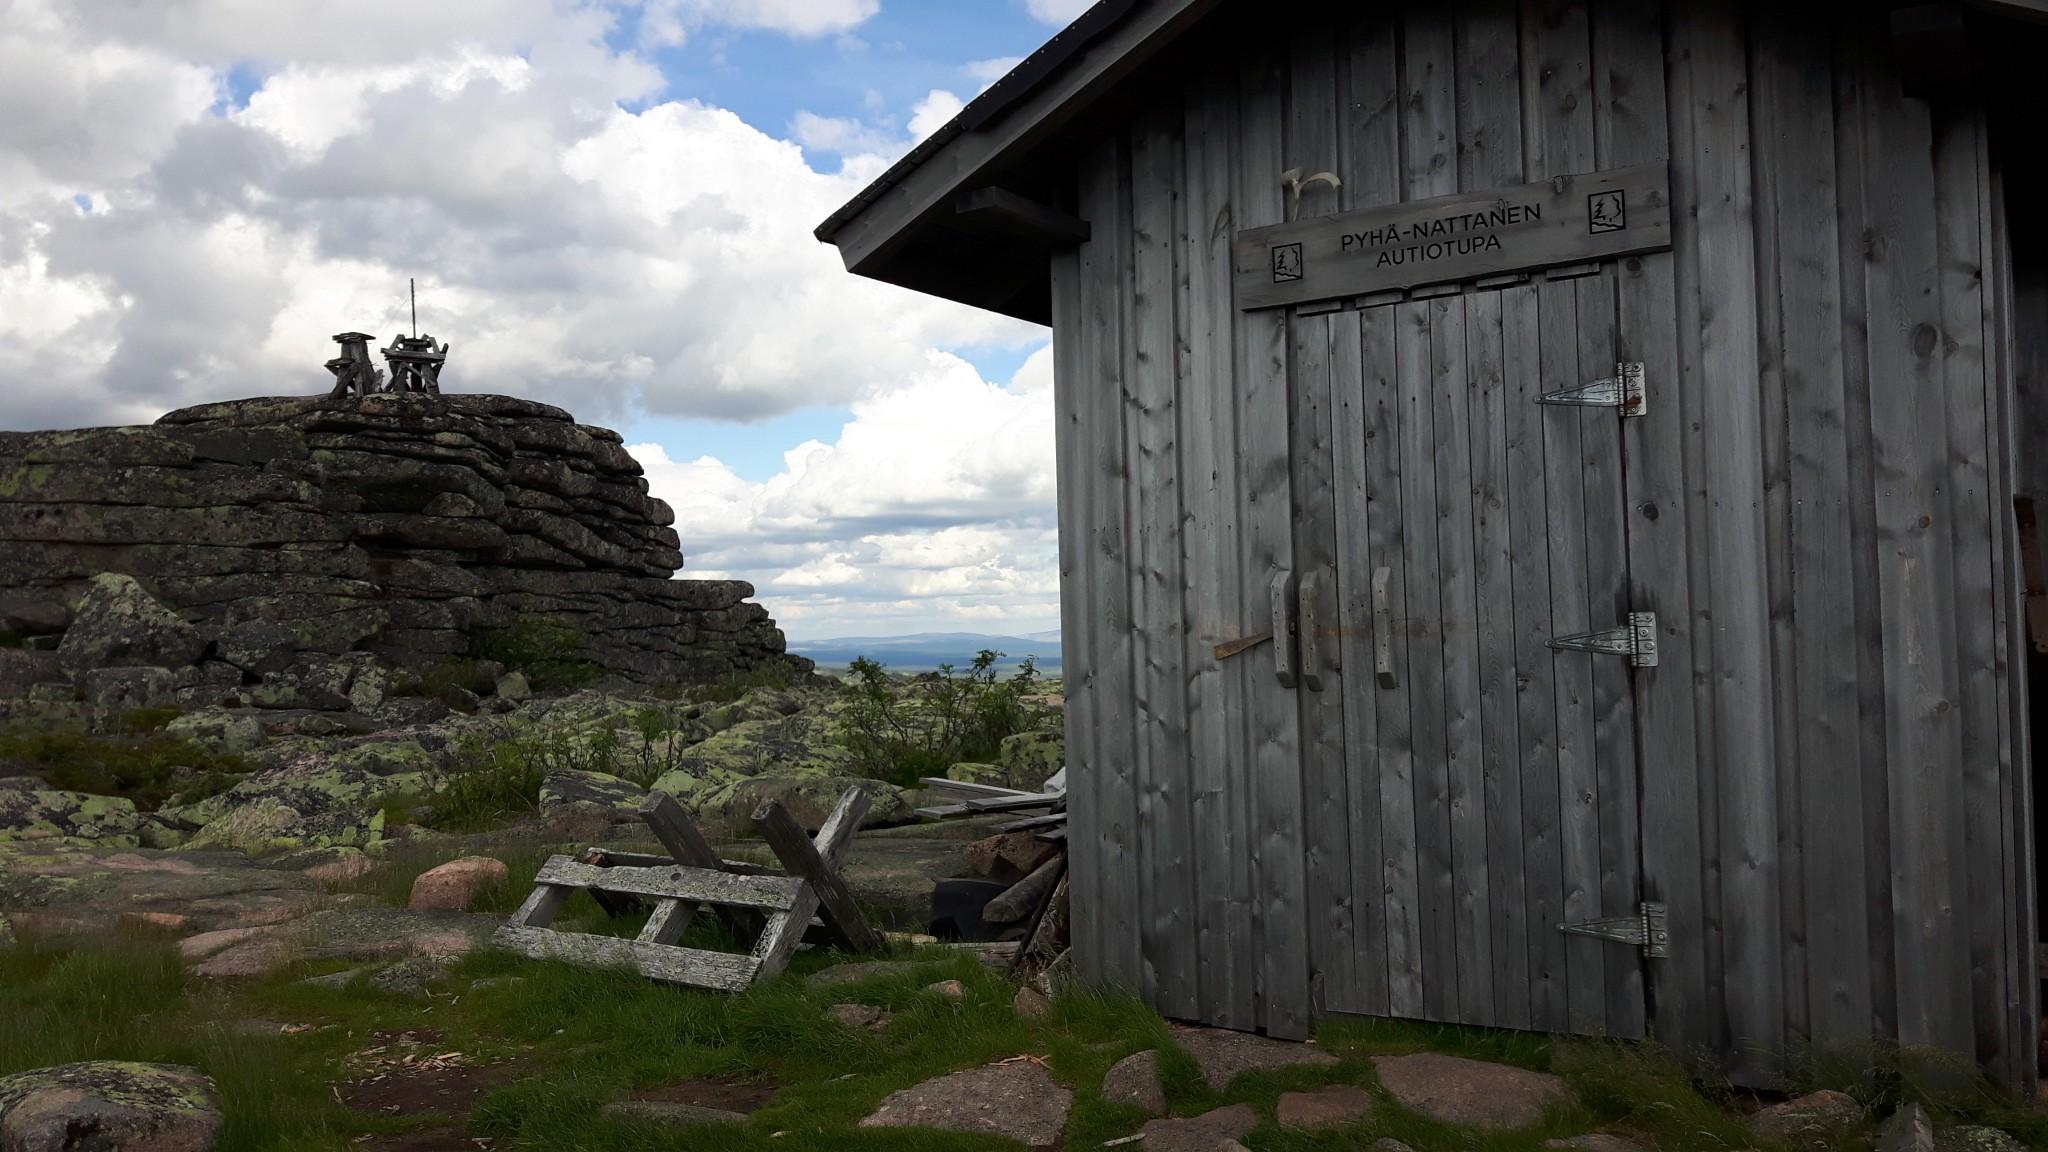 Pyhä-Nattaselta löytyy myös palovartijan maja ja vanhoja suuntimia toor-muodostumien kupeesta. Maisemat on suoraan sanottuna häikäisevät!